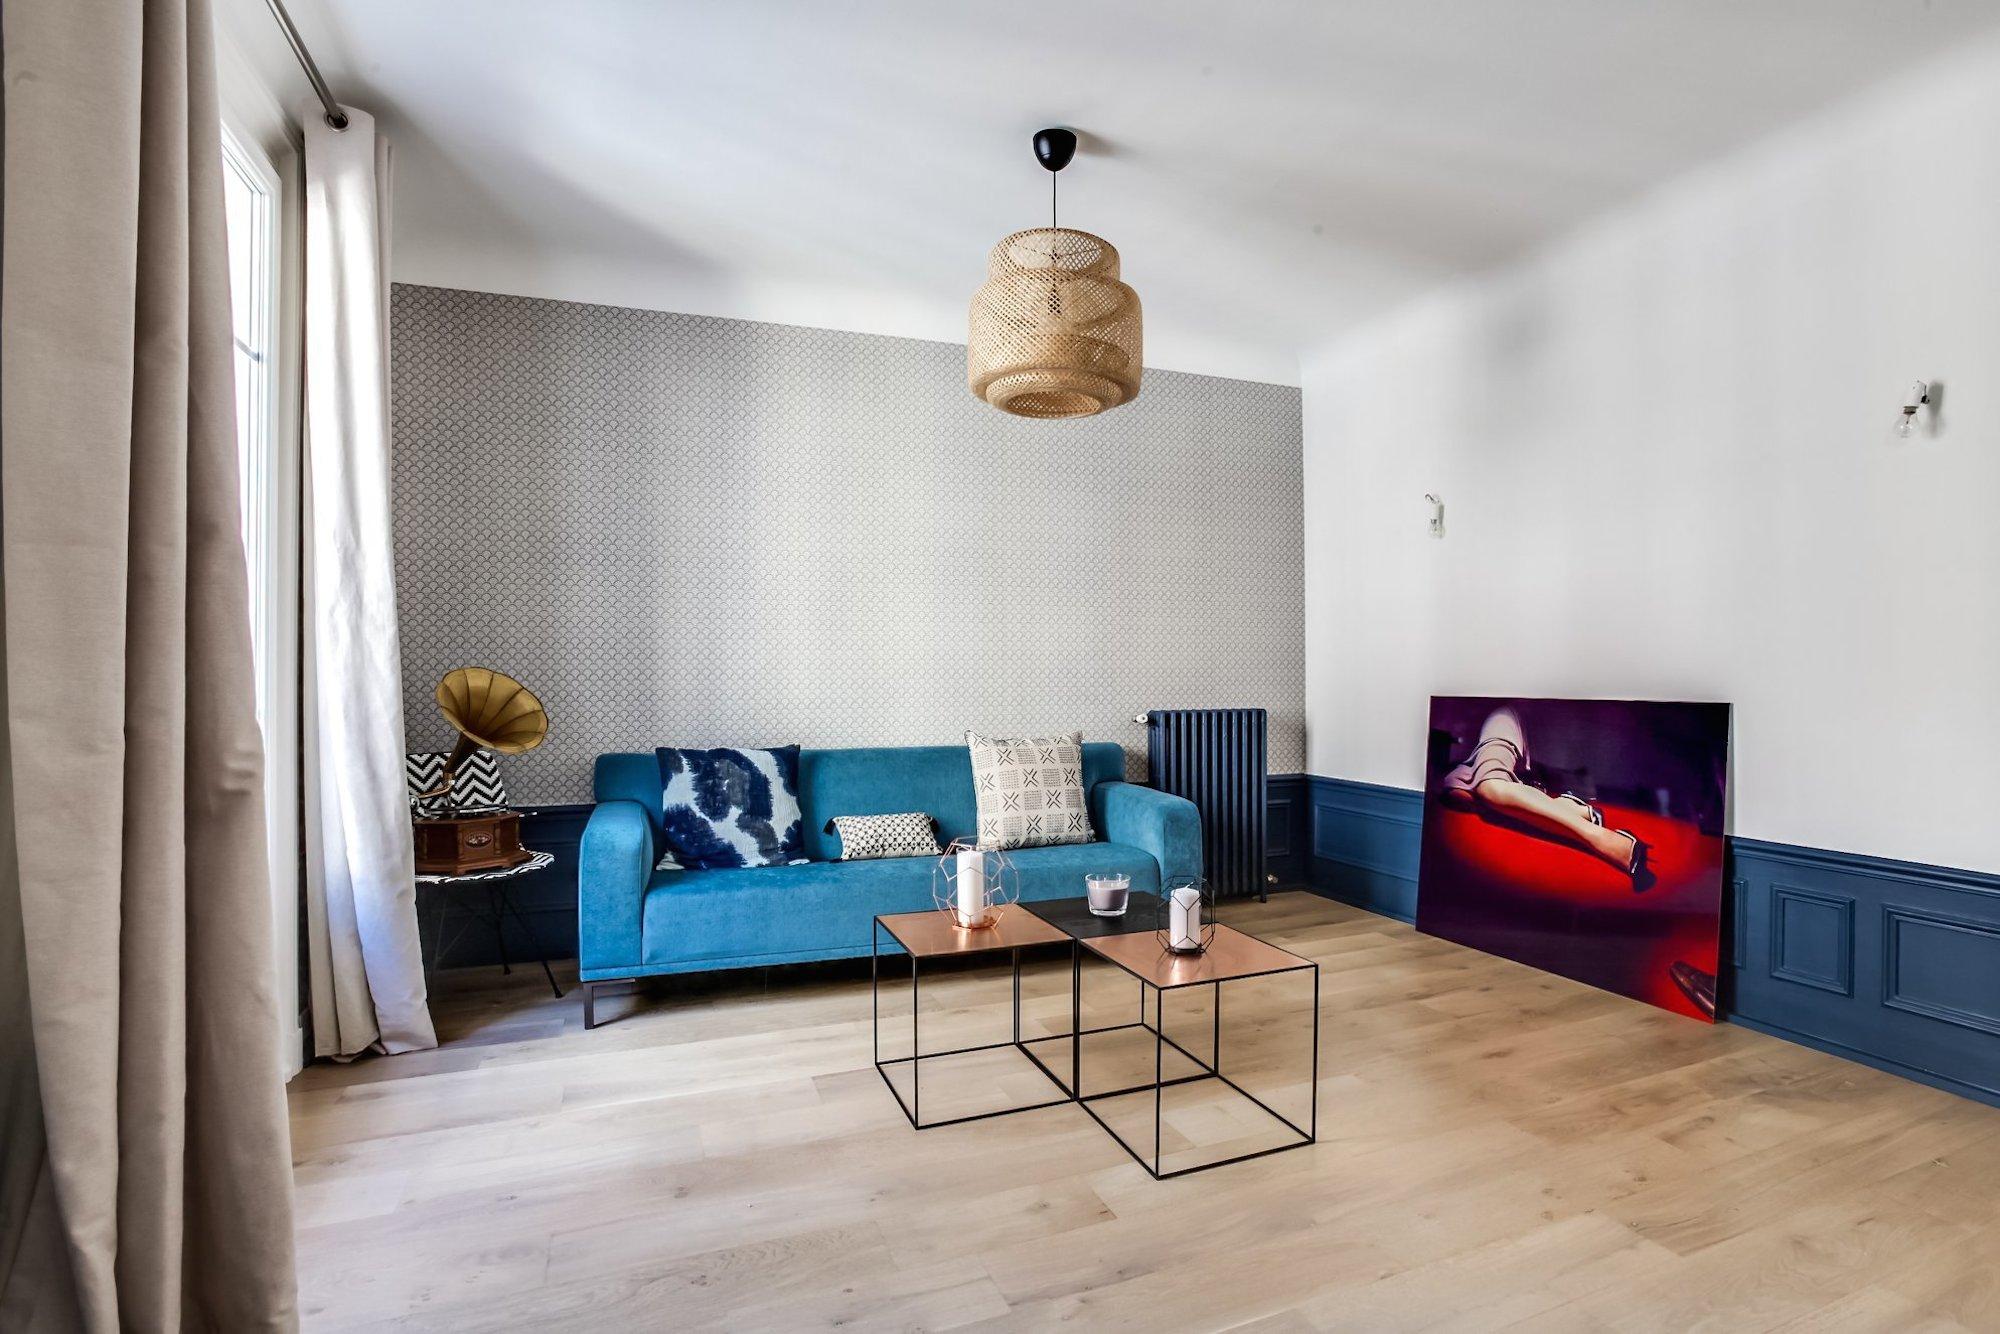 hip paris blog april events in paris foire de paris. Black Bedroom Furniture Sets. Home Design Ideas